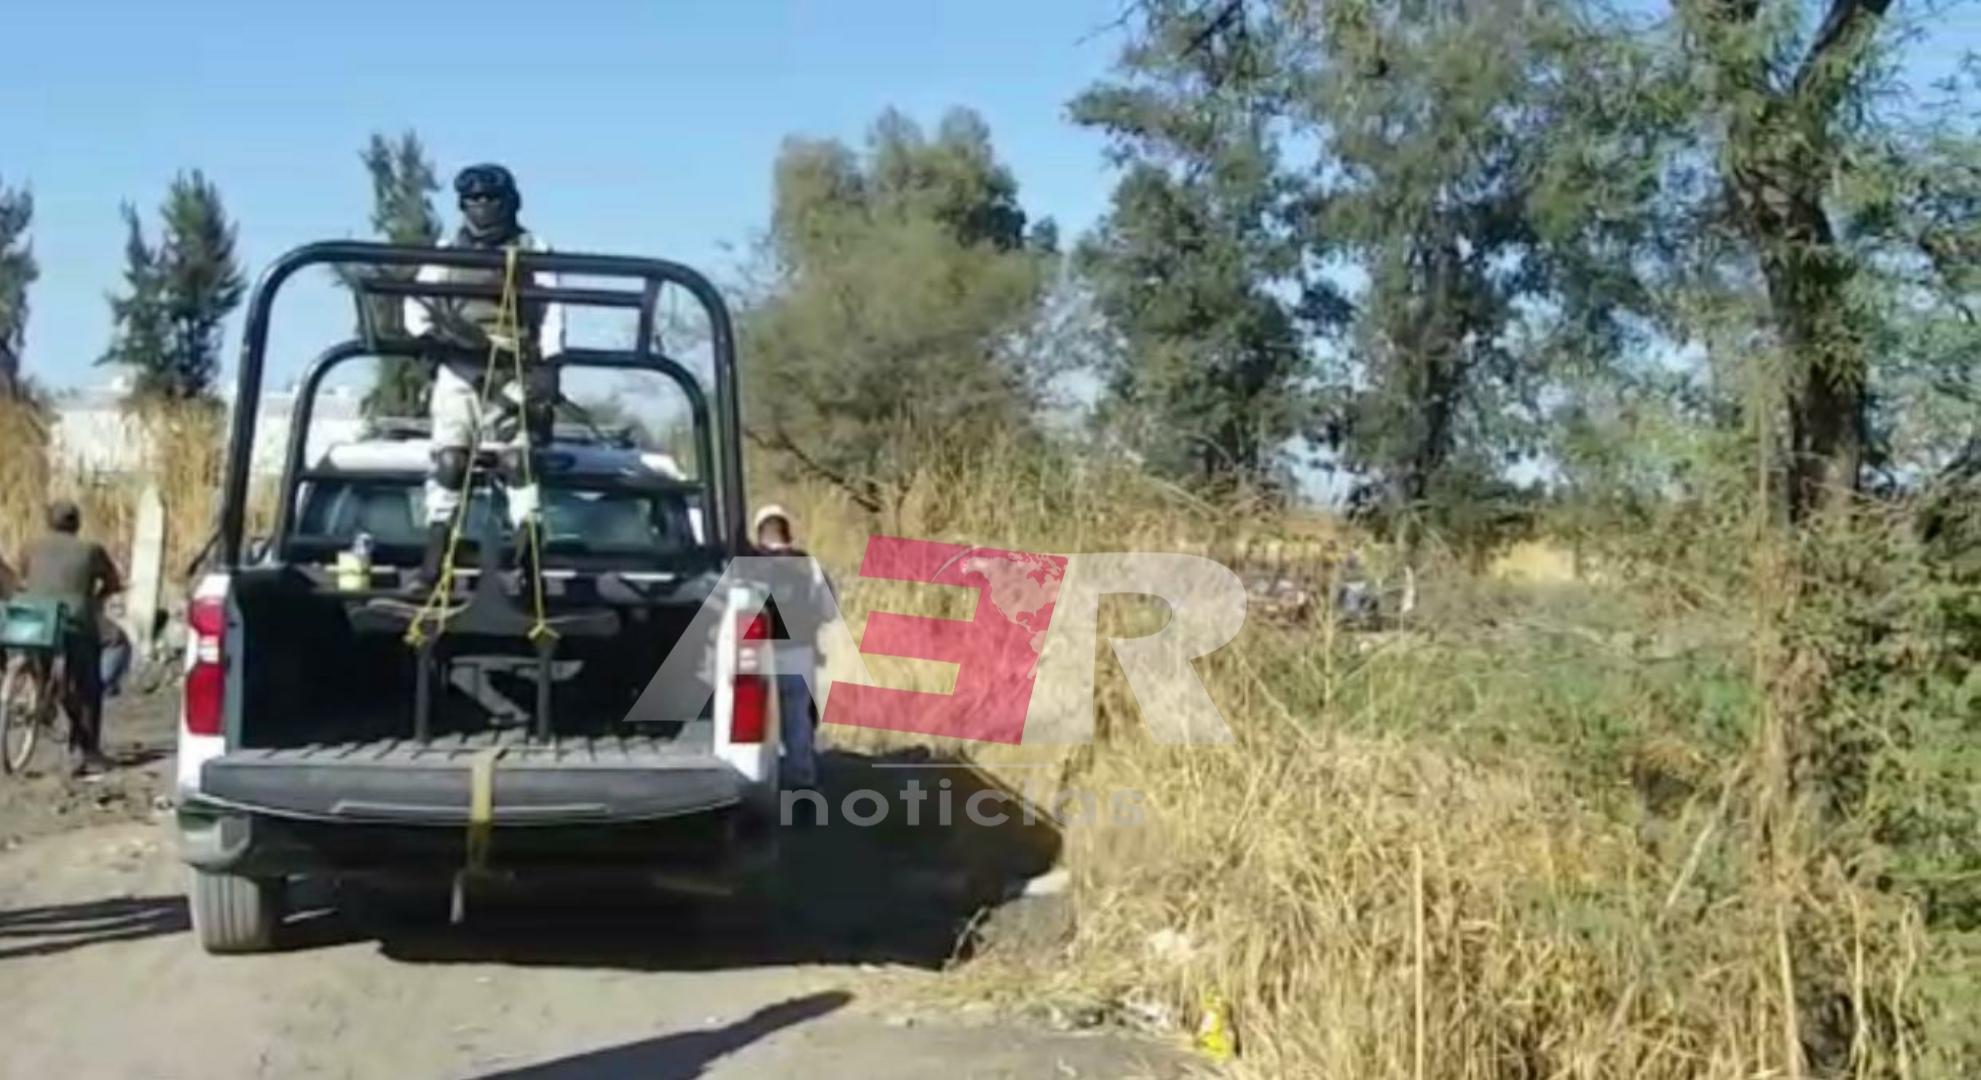 Localizan dos bolsas con restos humanos en camino frente a la comunidad El Carmen 1